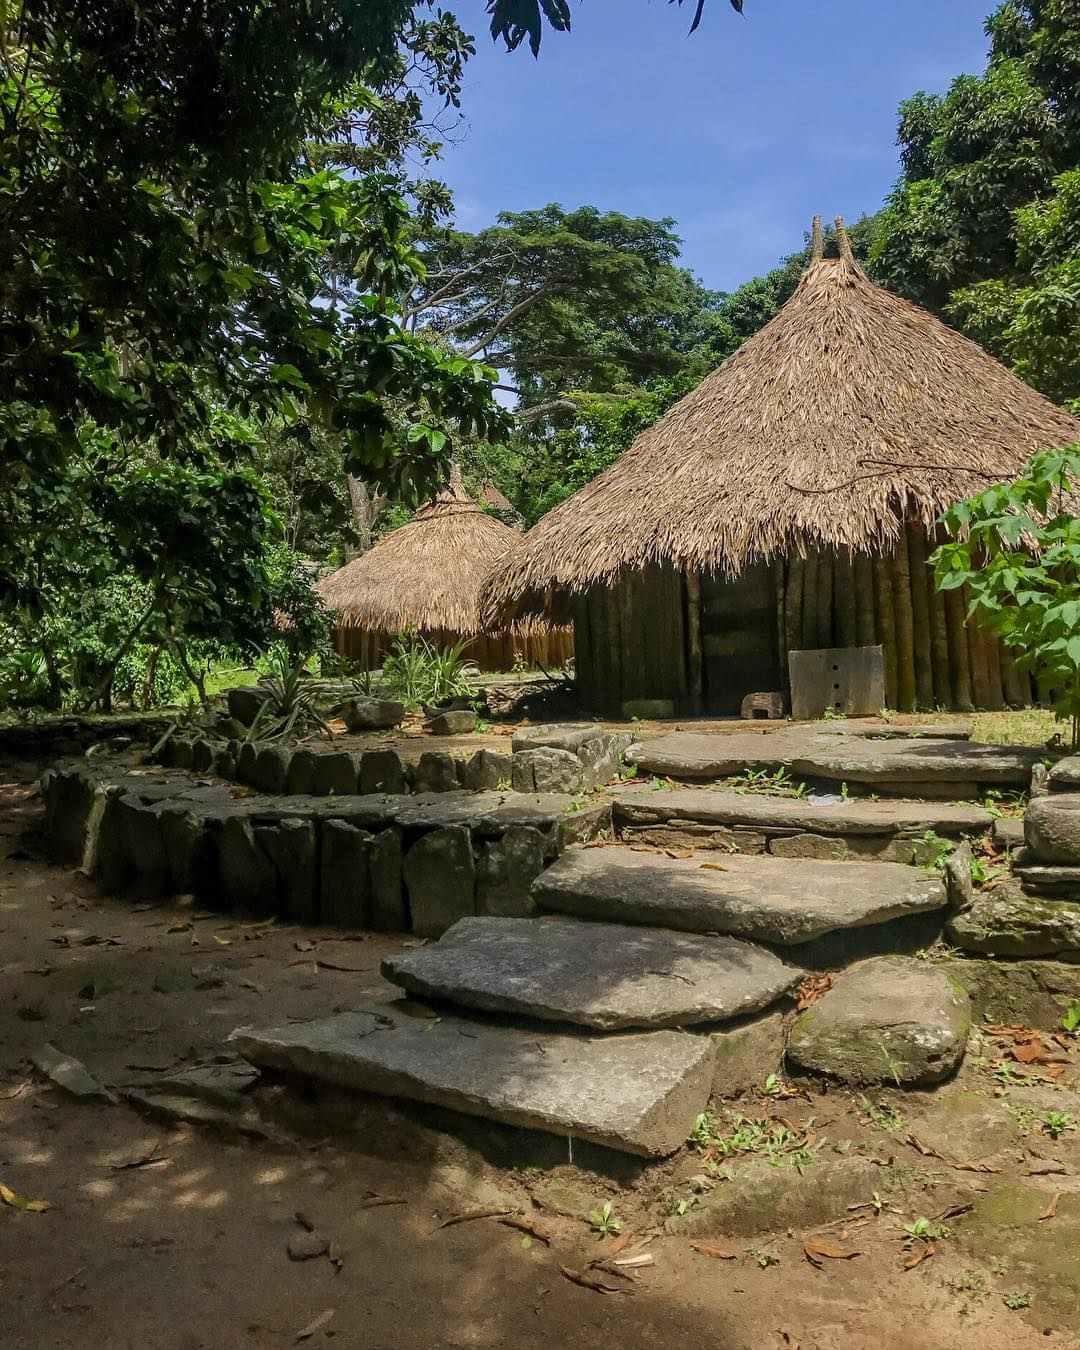 Pueblito Chairmada dentro del Parque Natural Nacional Tayrona